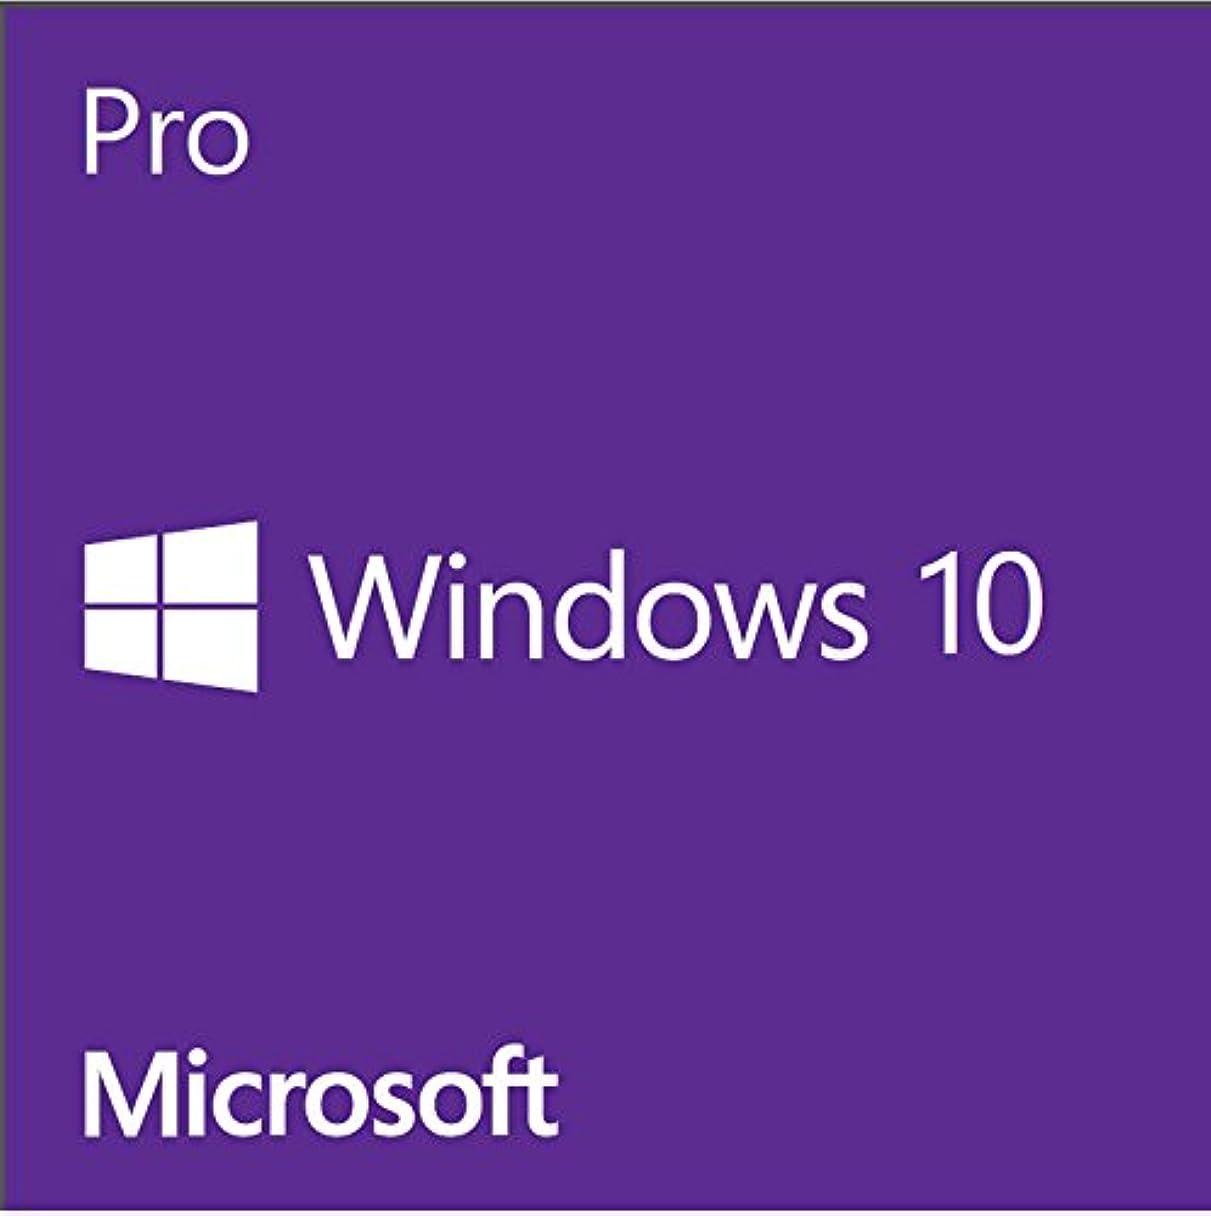 フレア賢いテレビ局Microsoft Windows10 Professional 32bit 日本語 DSP版 DVD LCP 【紙パッケージ版】+中古メモリセット